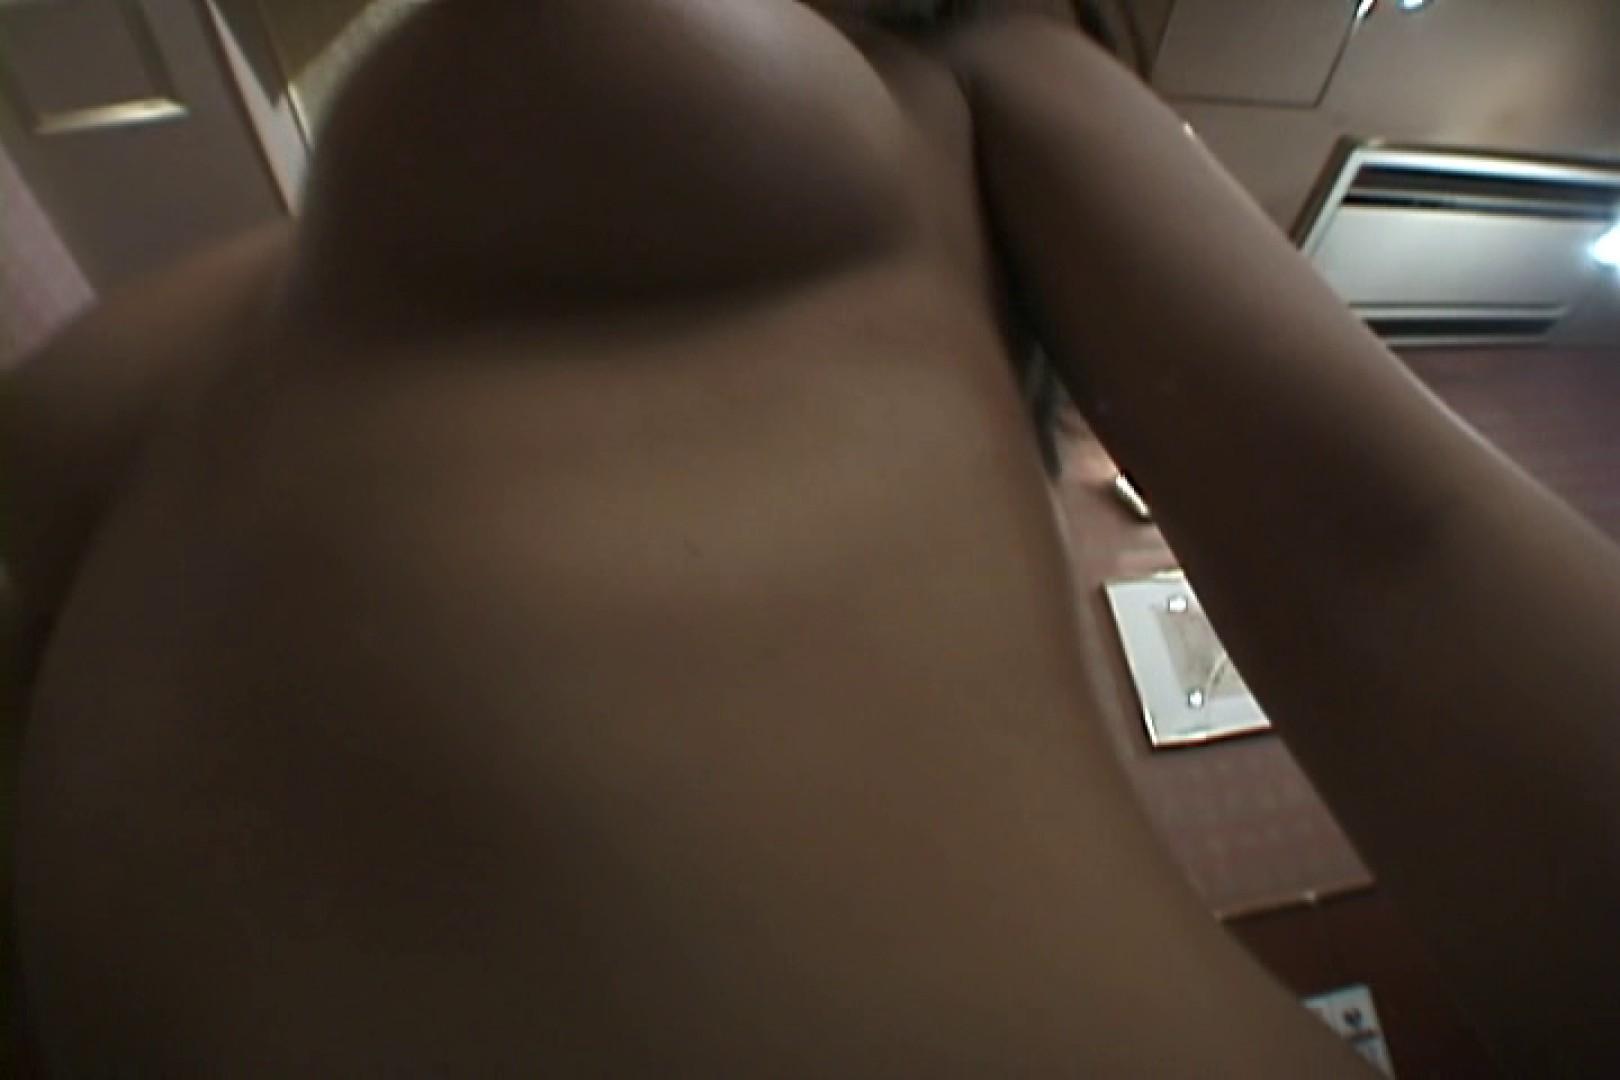 旦那との愛よりも、愛人とのSEX~片瀬梨子~vol,1 おっぱい特集 アダルト動画キャプチャ 72pic 53